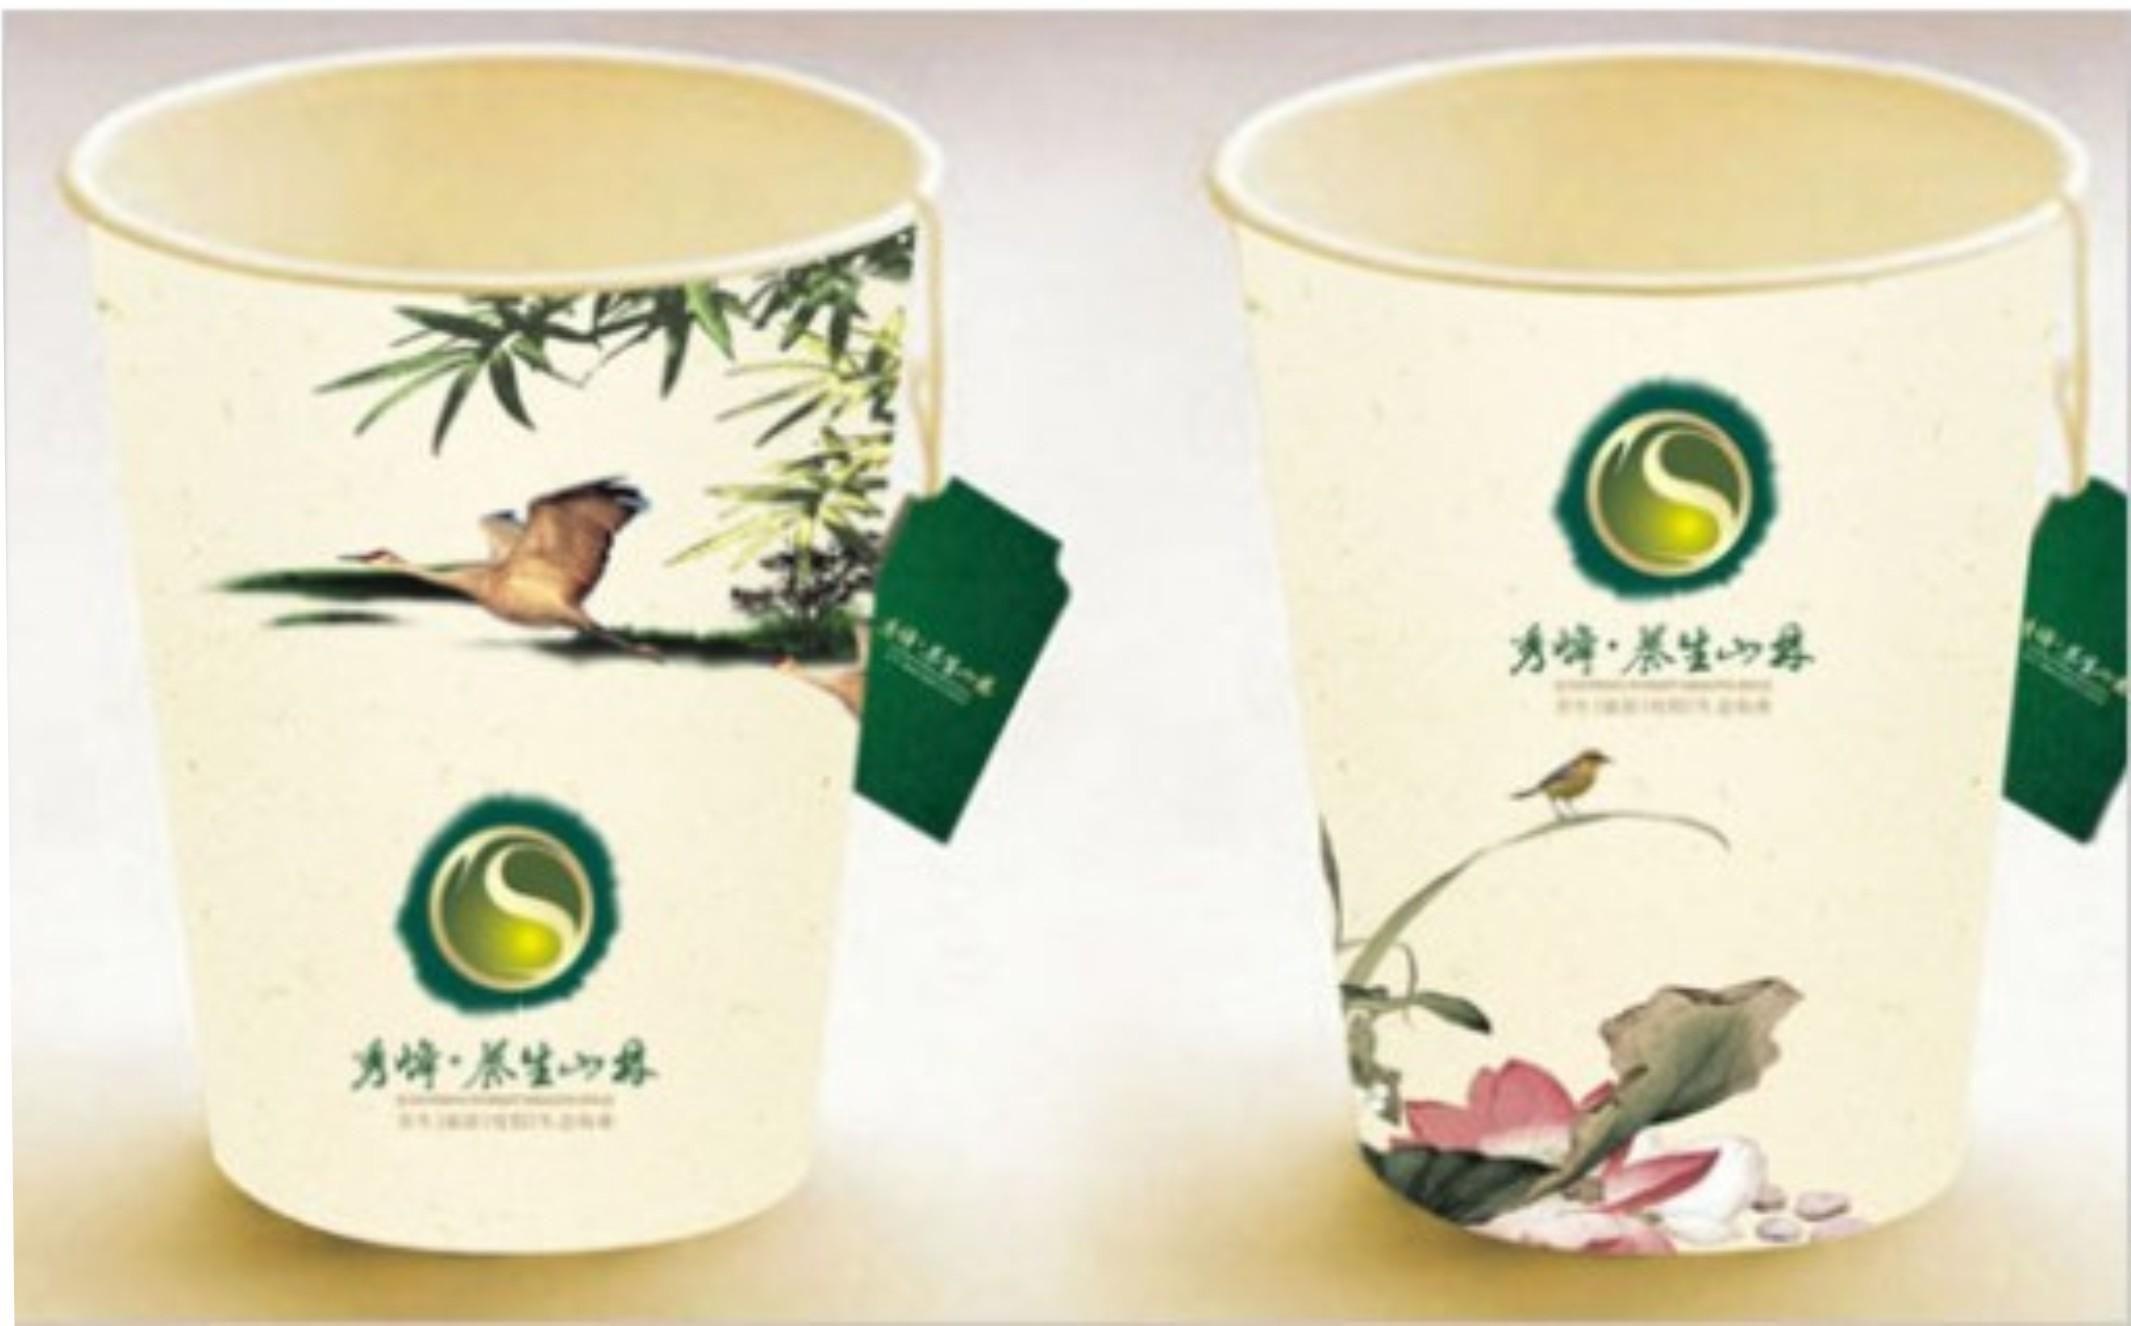 重庆店面设计公司1案例图片 - 设计师深圳市汉图美术